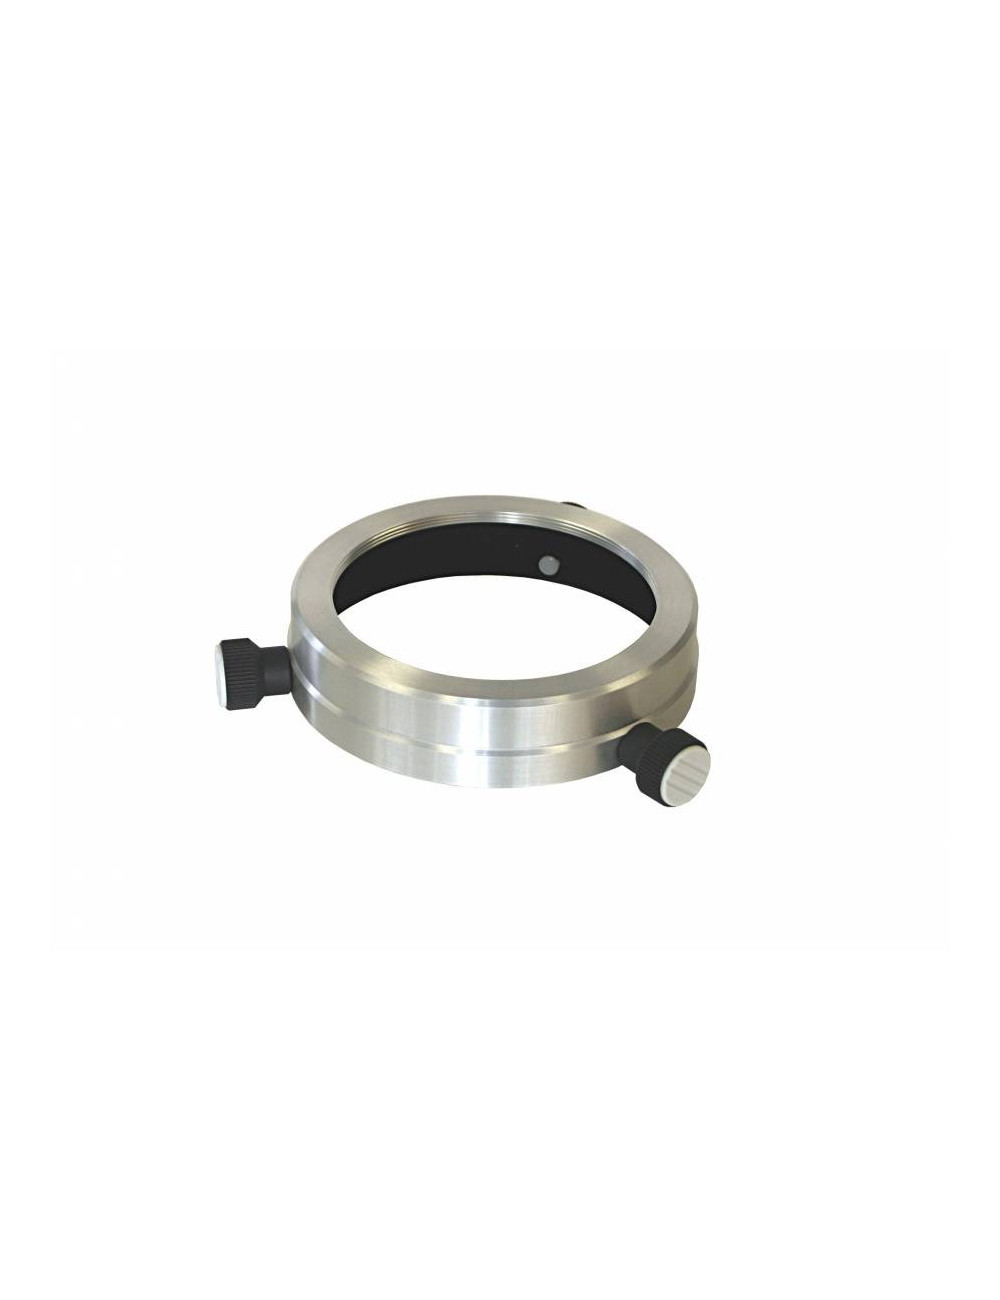 Adaptateur pour filtres solaires LUNT LS100FHa pour instrument avec un diamètre extérieur entre 141 et 160mm